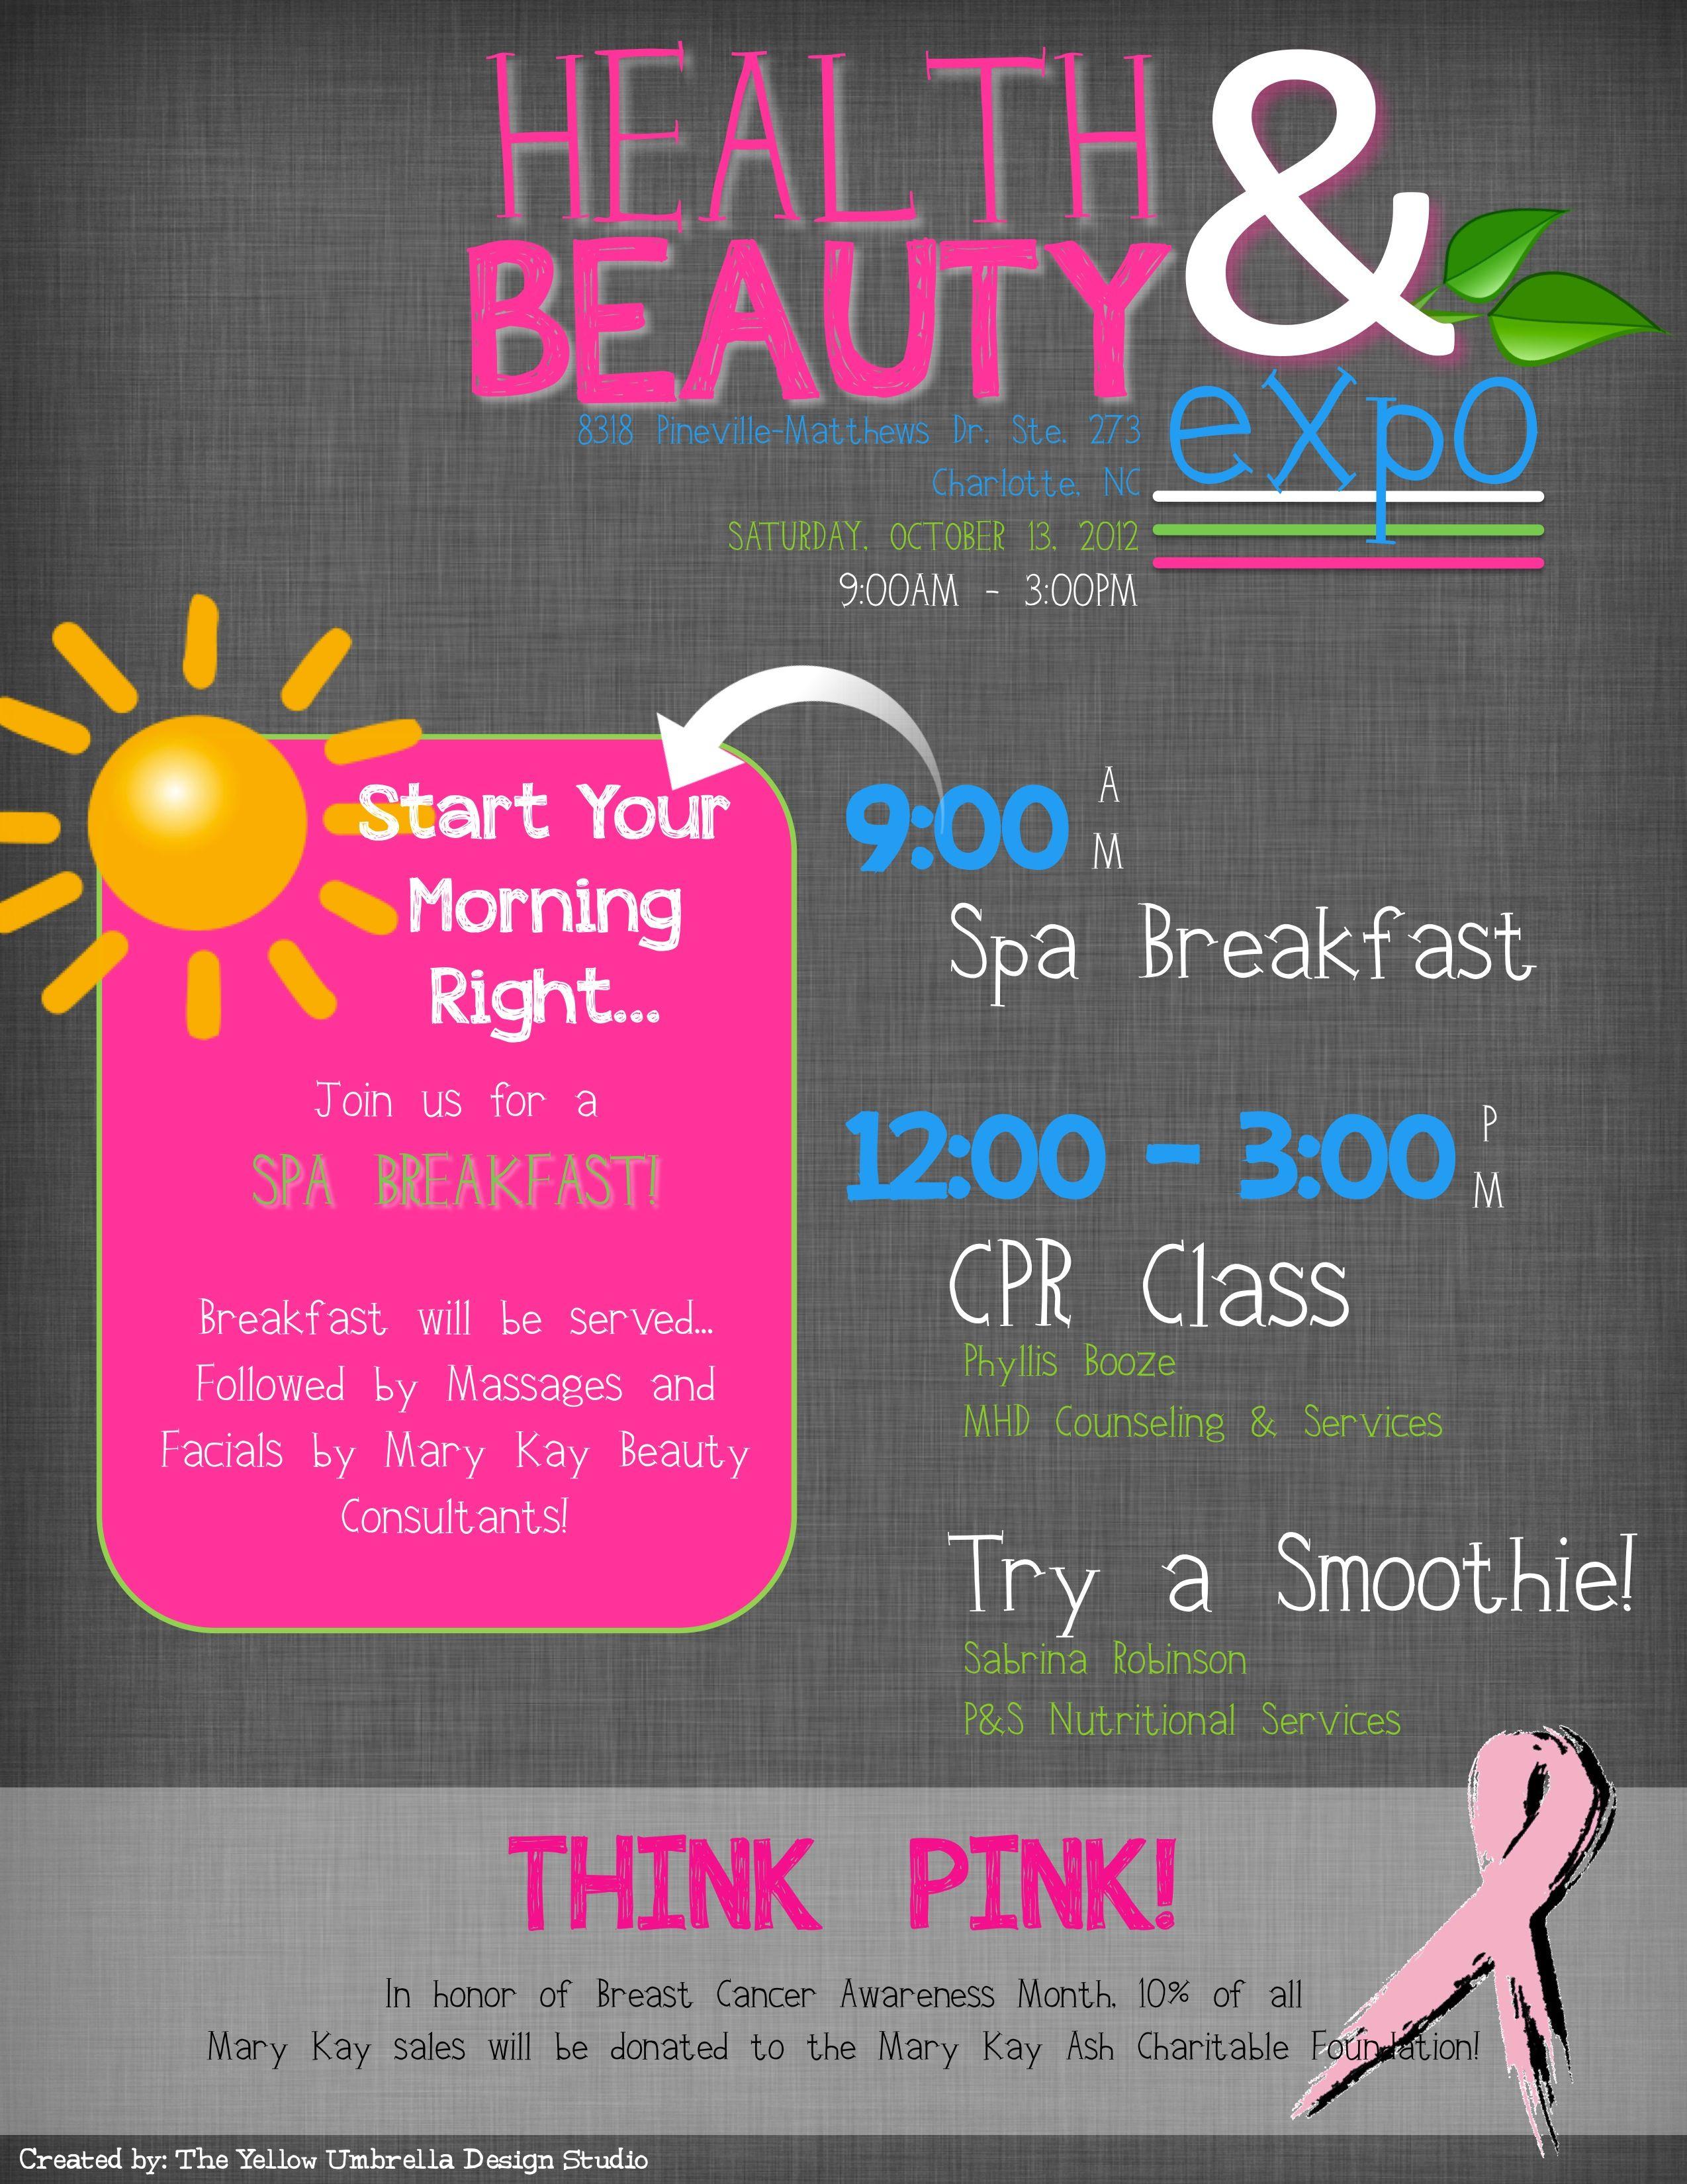 Health and beauty expo flyer mary kay marykay mary kay beauty nails 1betcityfo Images